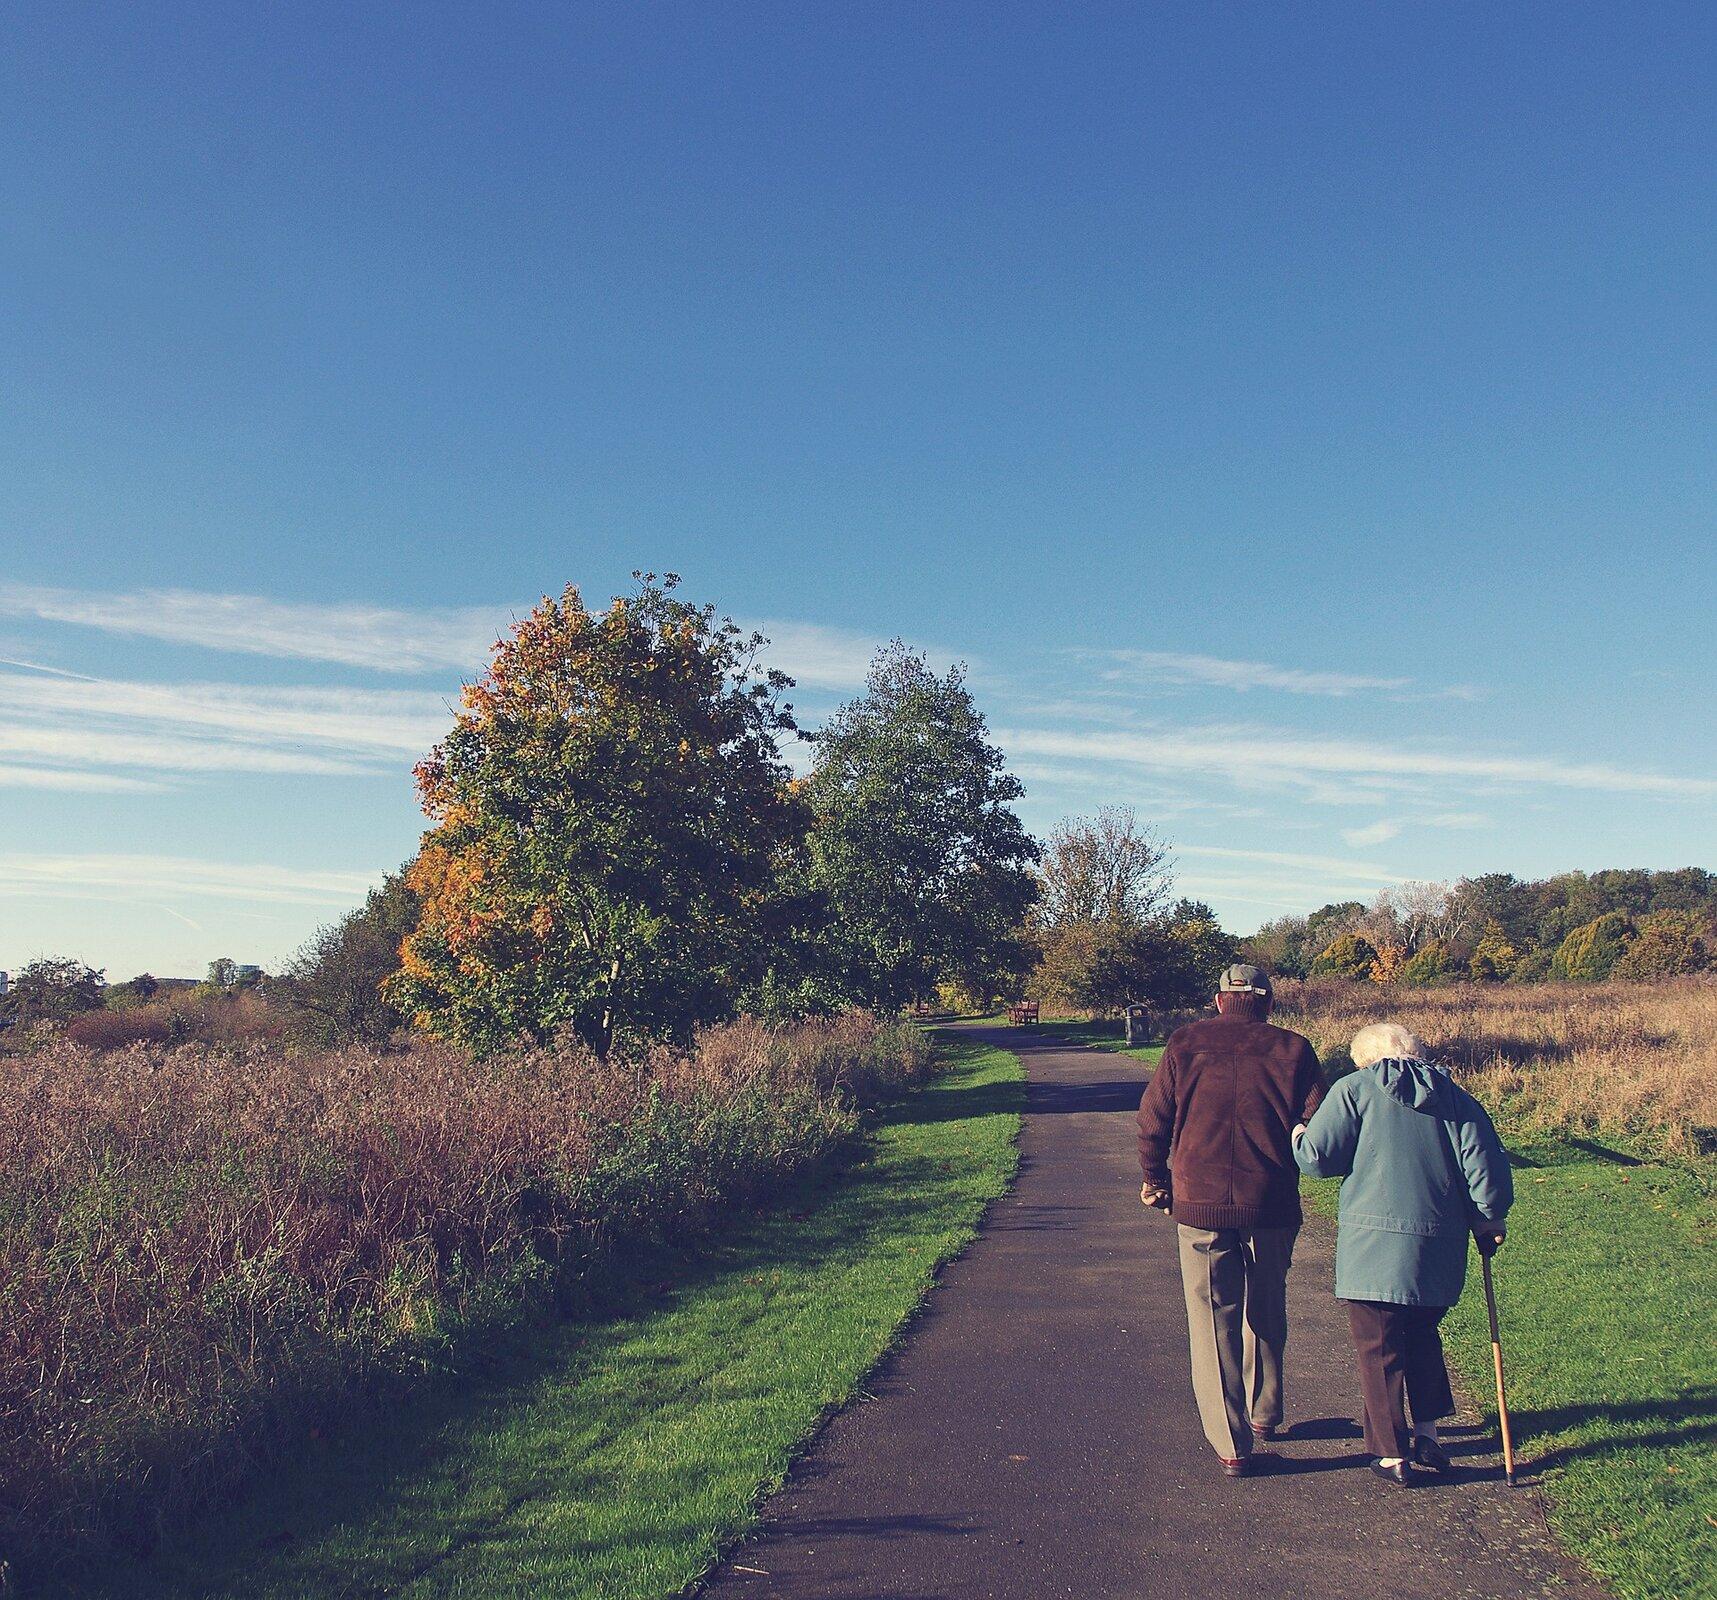 Na zdjęciu para starszych osób idzie ścieżką wśród zieleni. Kobieta podpiera się laską.